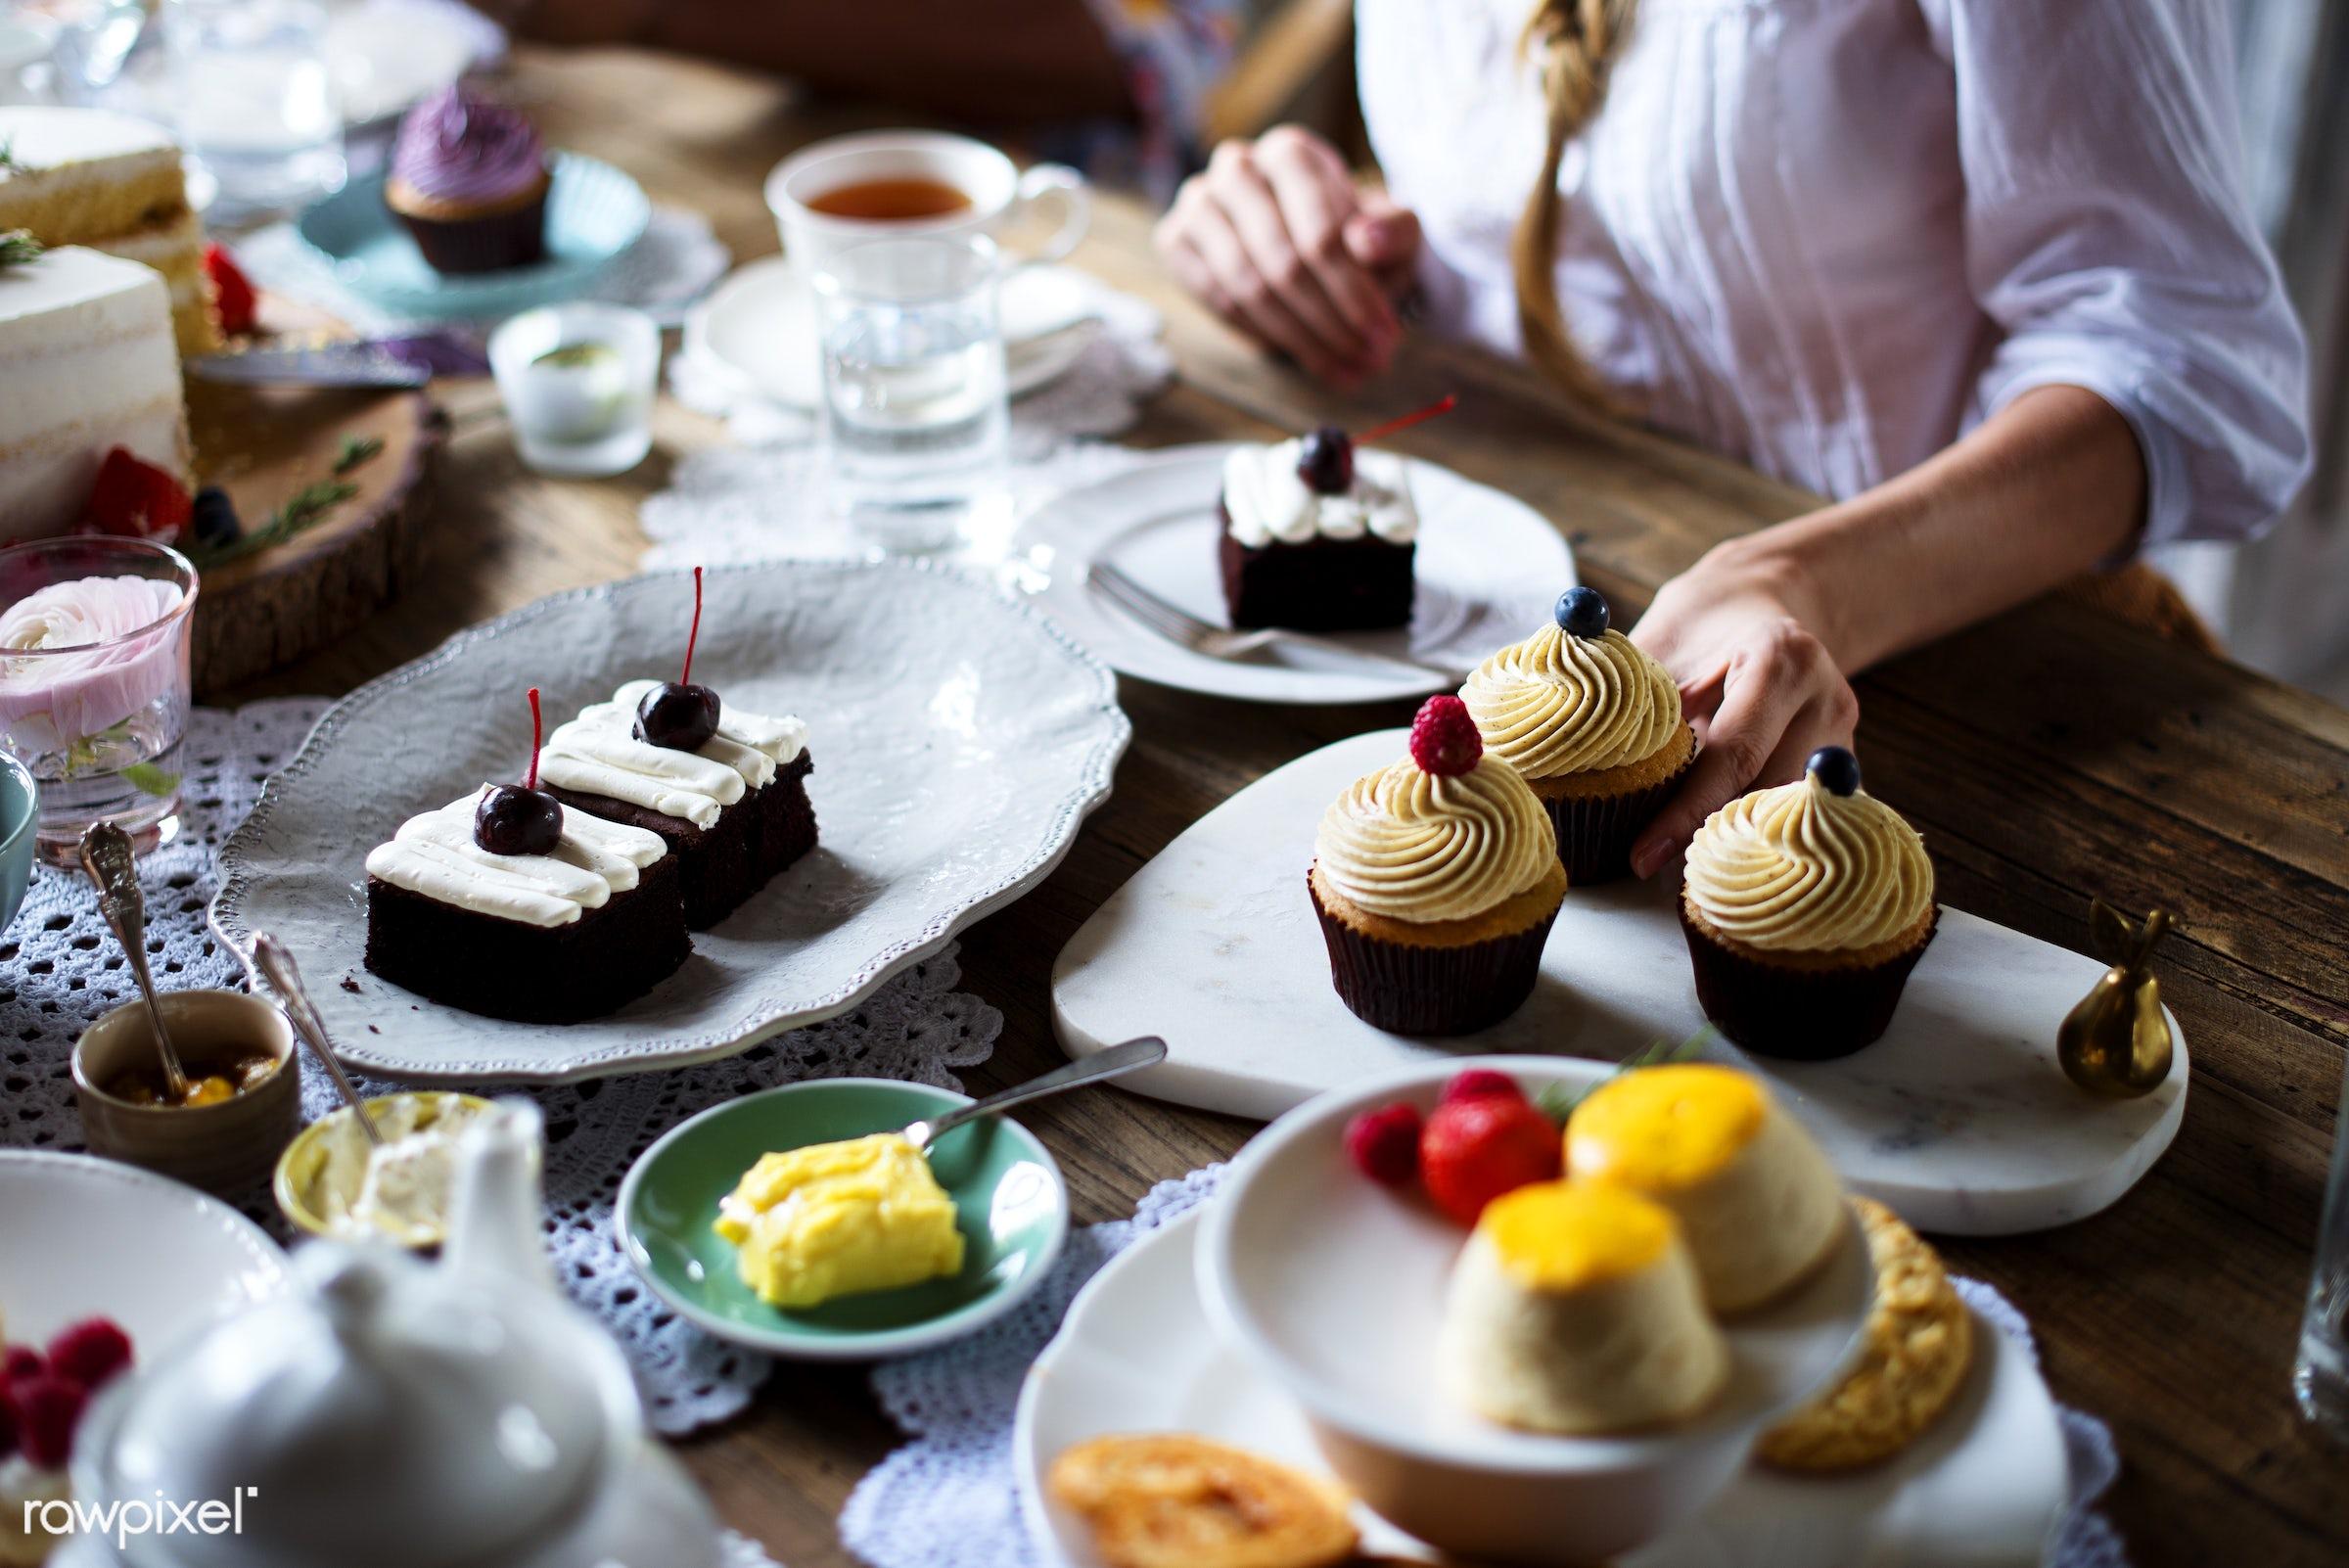 bake, baked, bakery, birthday, cake, cakes, celebrate, celebration, communication, conversation, decoration, delicious,...